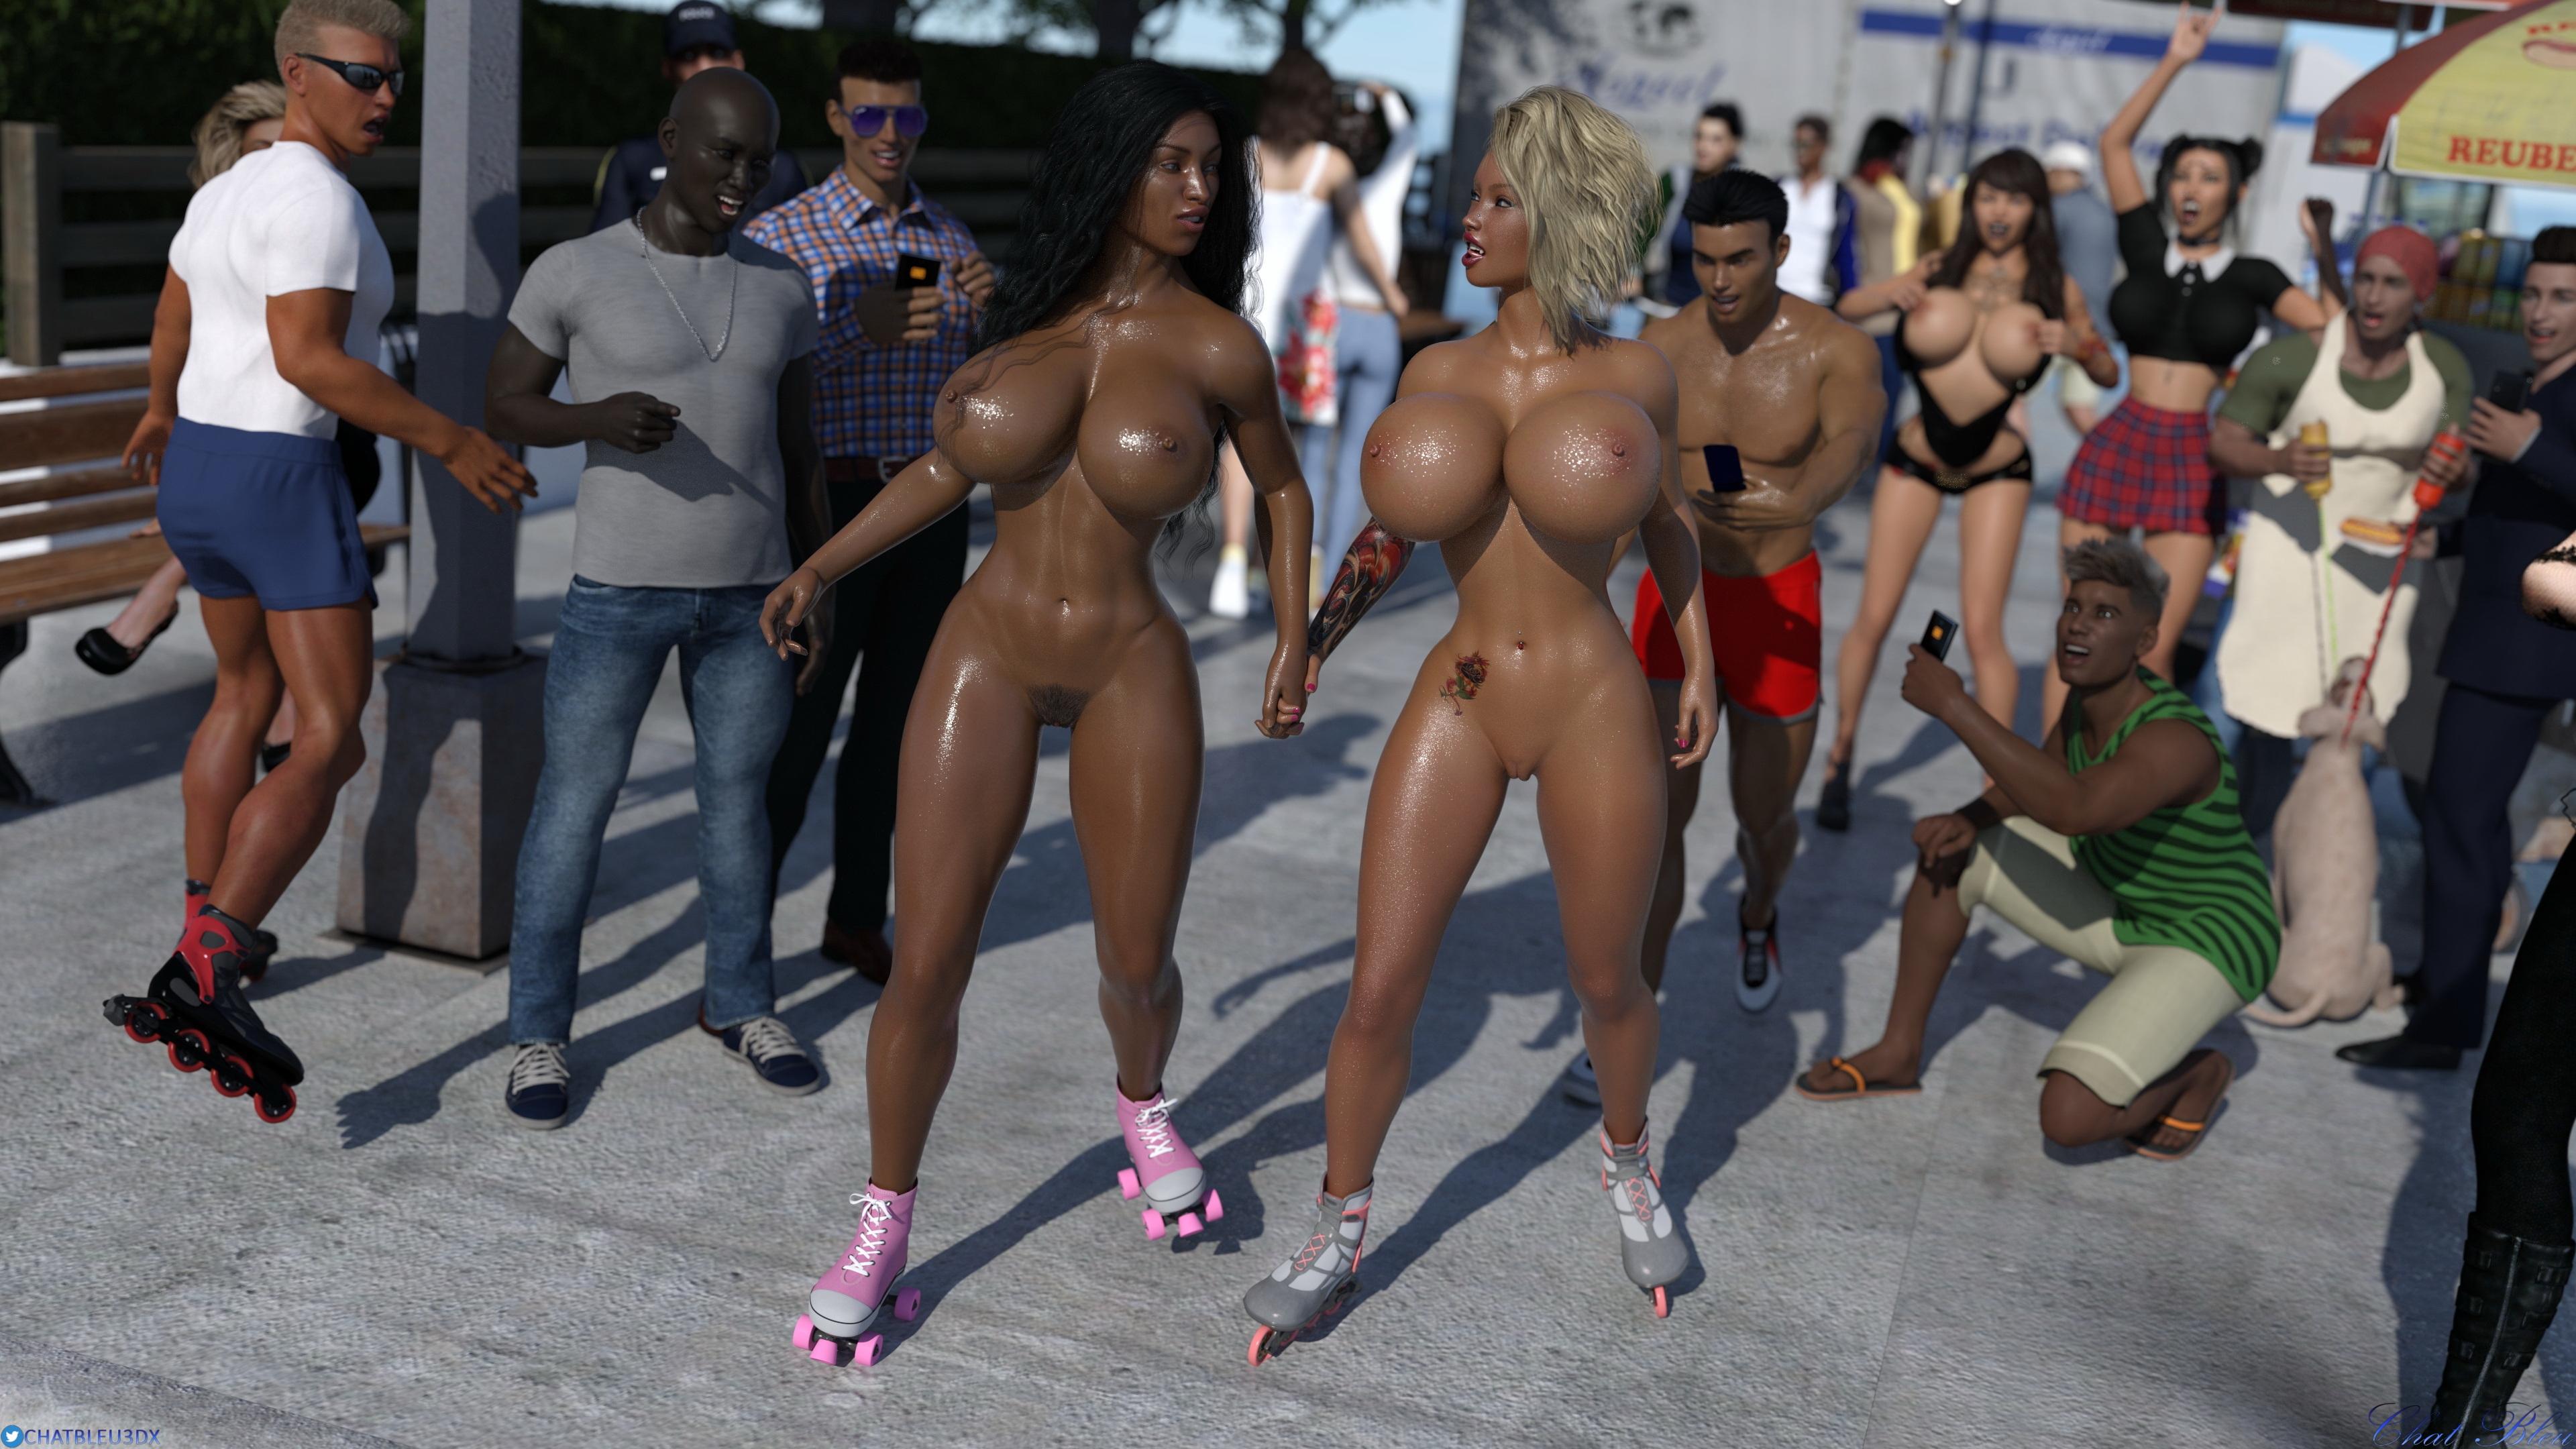 Rollers Girls In Public